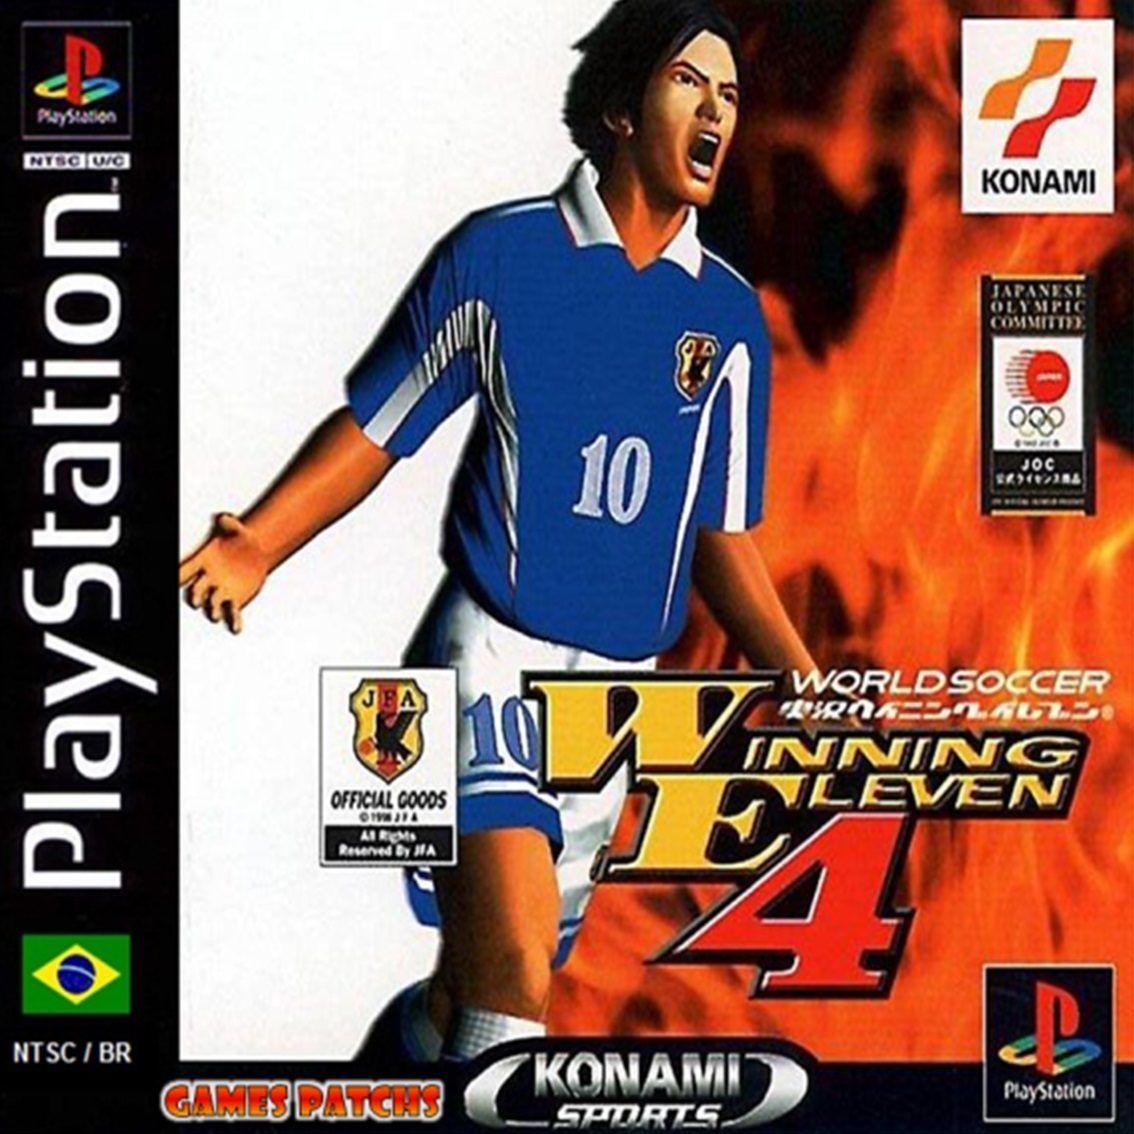 Winning Eleven 4 Playstation, Jogos de playstation, Jogos